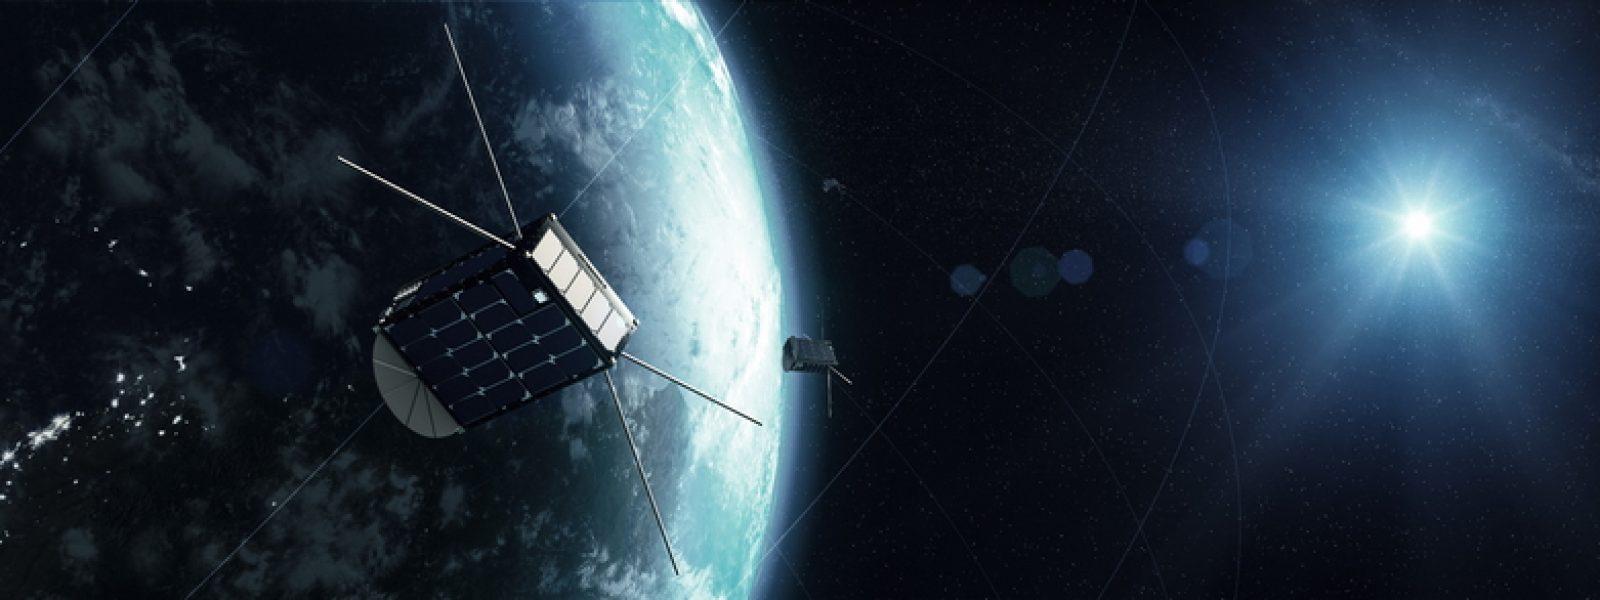 Unseenlabs lance son premier satellite